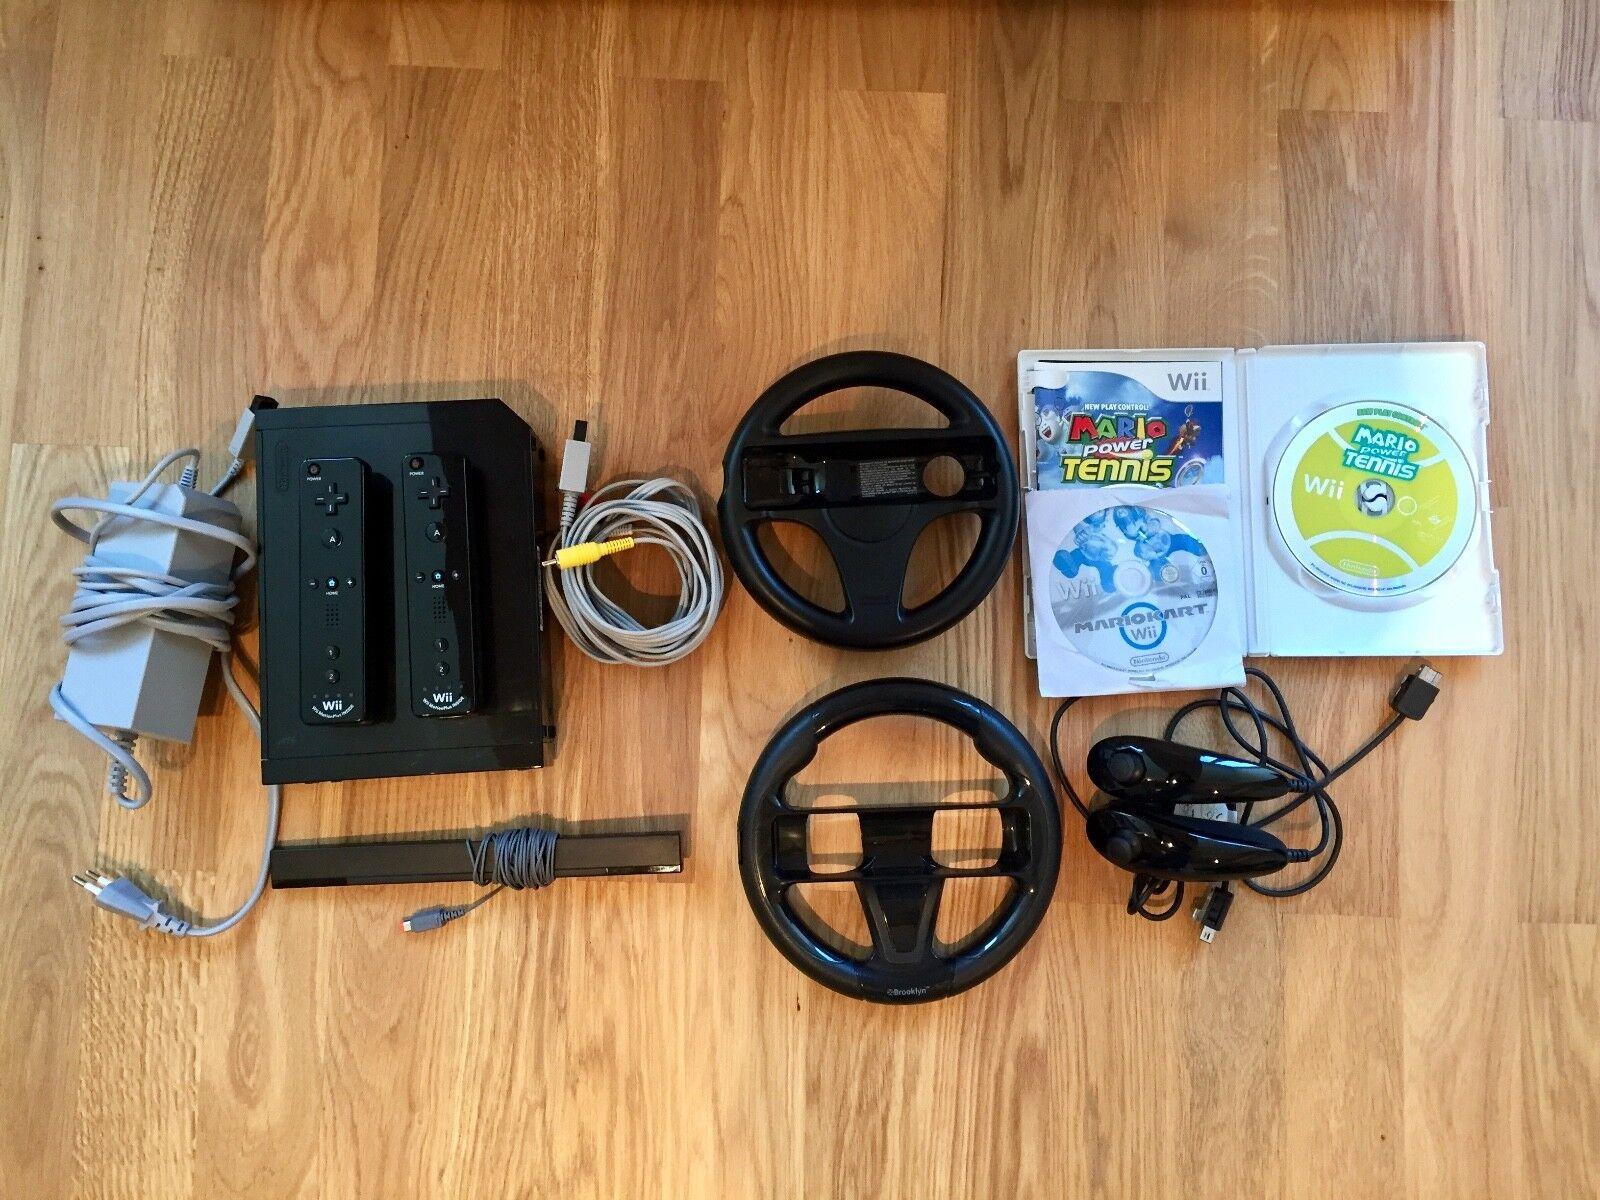 Nintendo Wii Spielkonsole Schwarz - Mario Kart Starterset Komplett für 2 Spieler